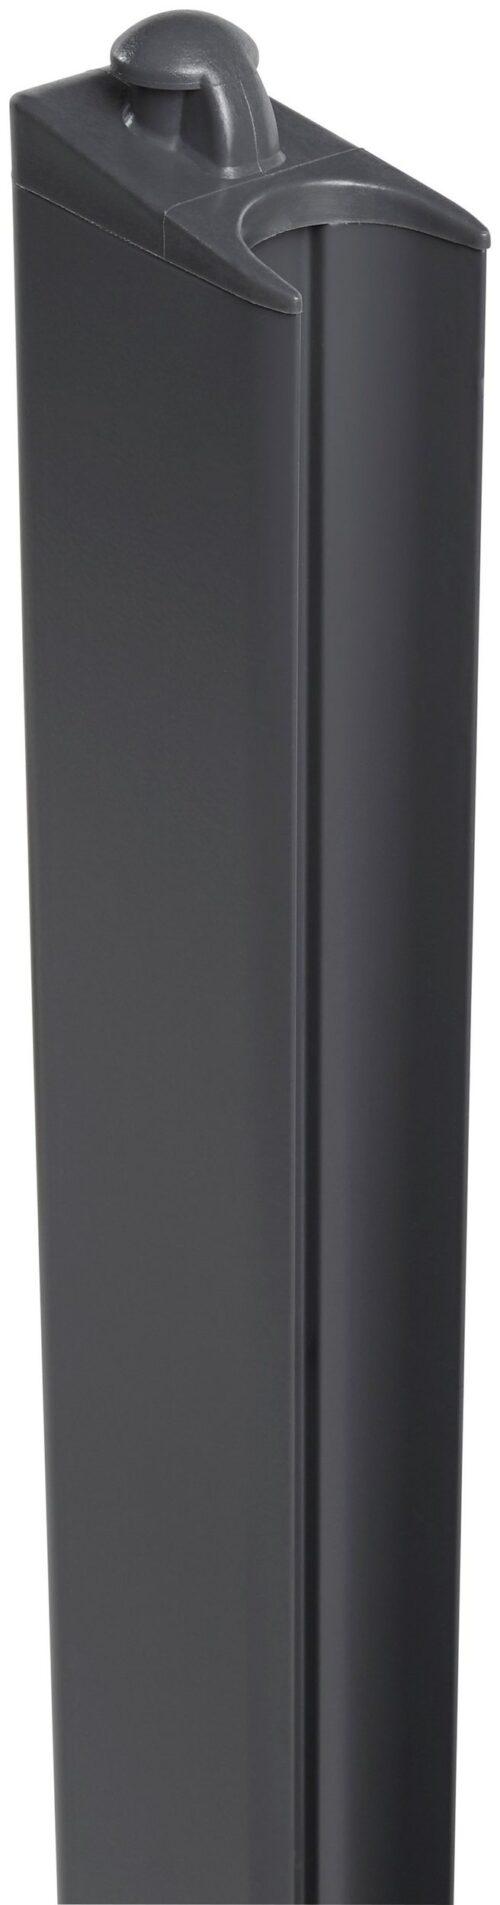 KONIFERA Seitenarmmarkise LxH: 300x160cm B53756810 UVP 79,99€ | 53756810 5